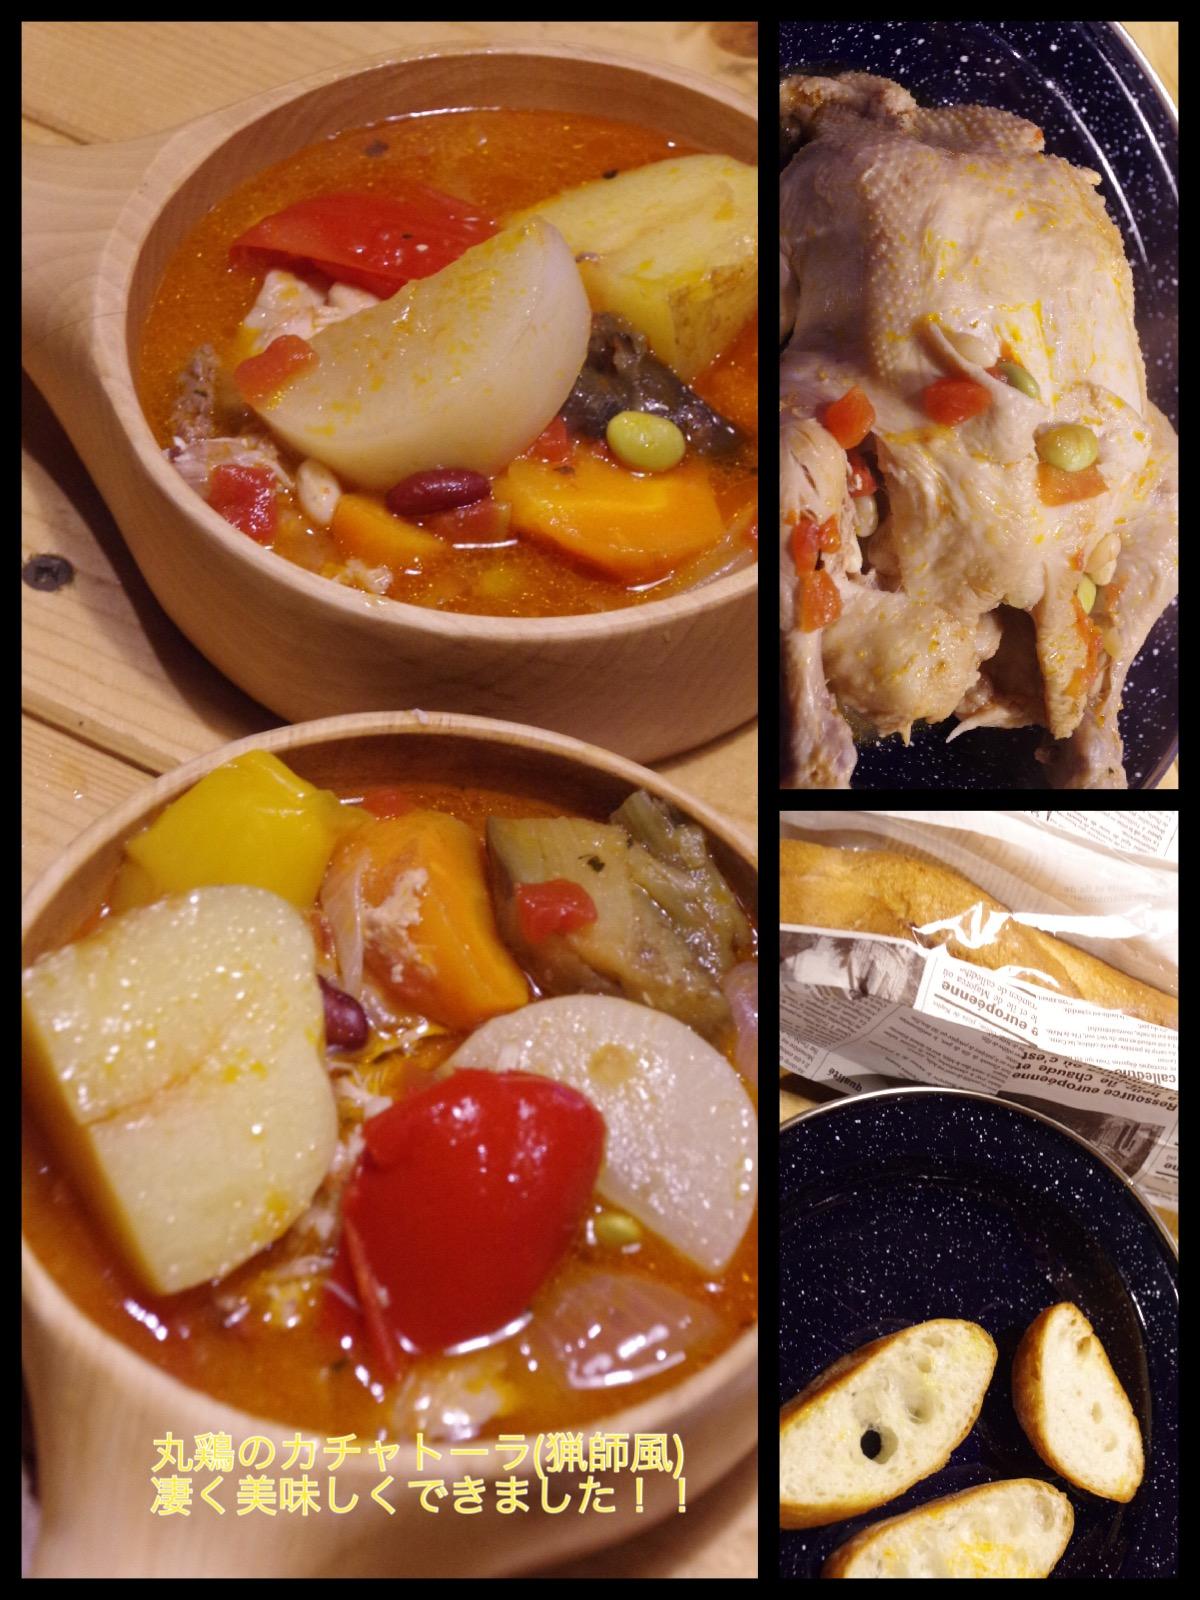 北軽井沢スウィートグラス 丸鶏のカチャトーラ